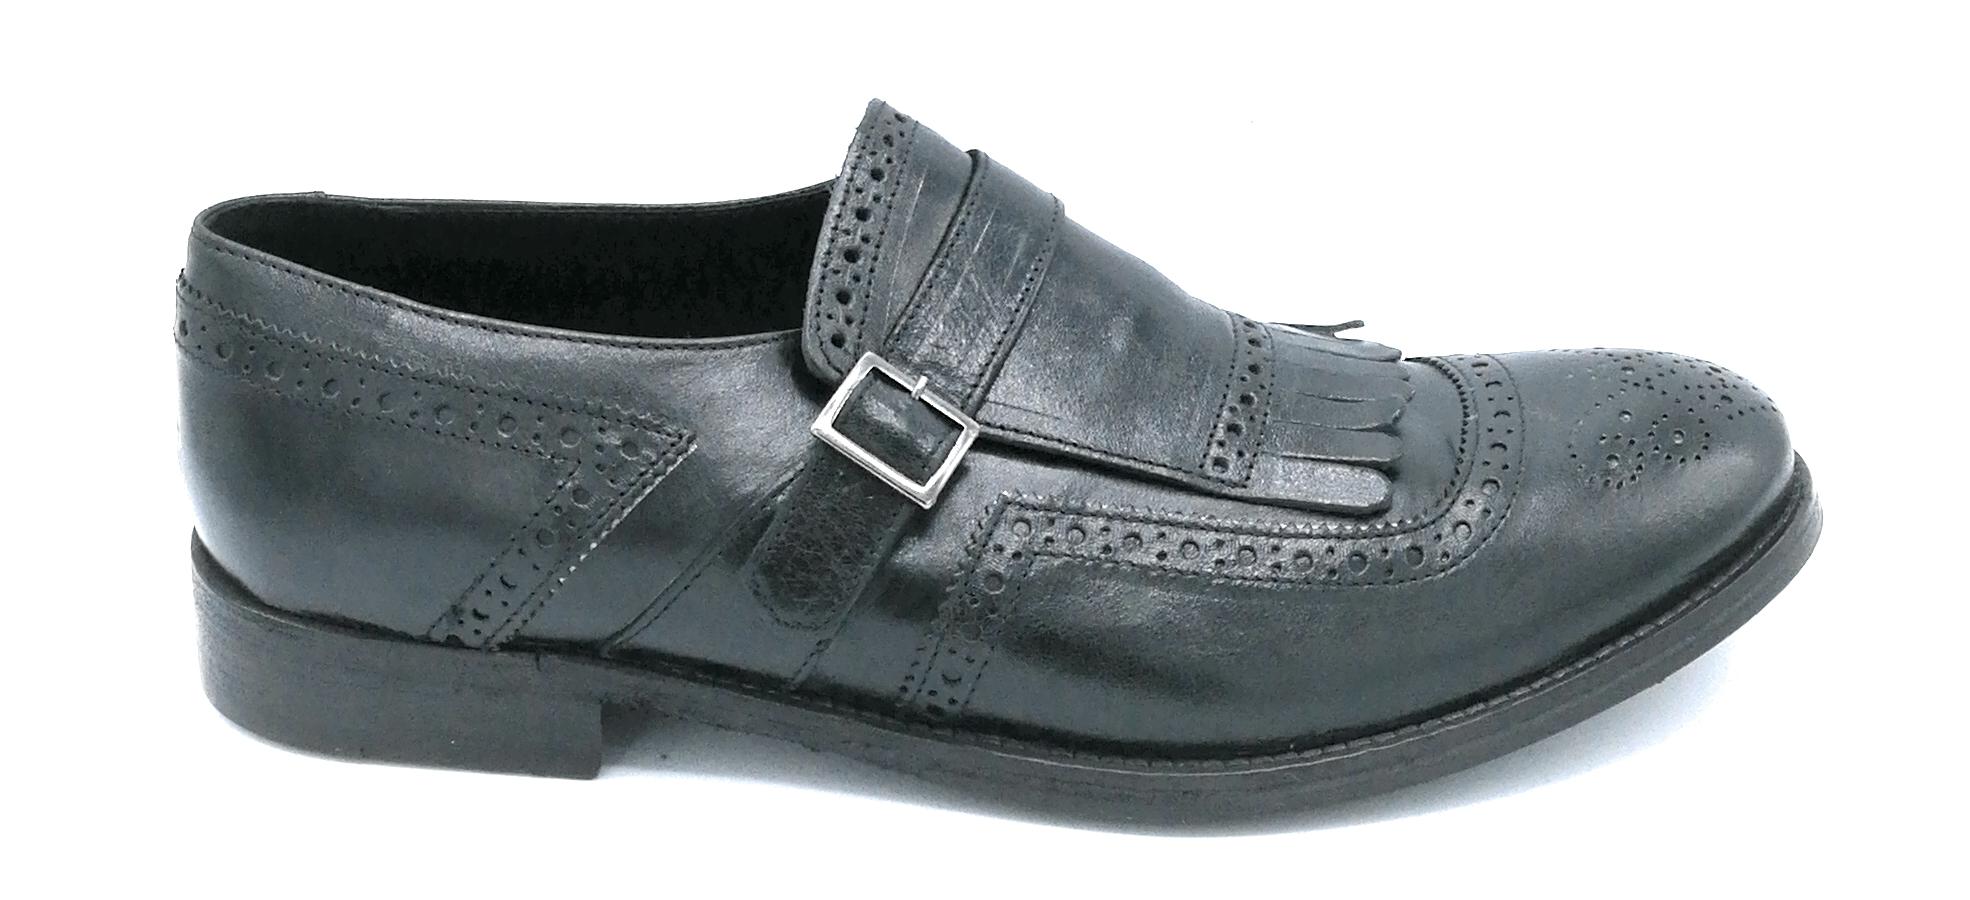 super popular de782 90525 Eveet 15503 scarpa uomo pelle nera ricamata con frangia e fibbia